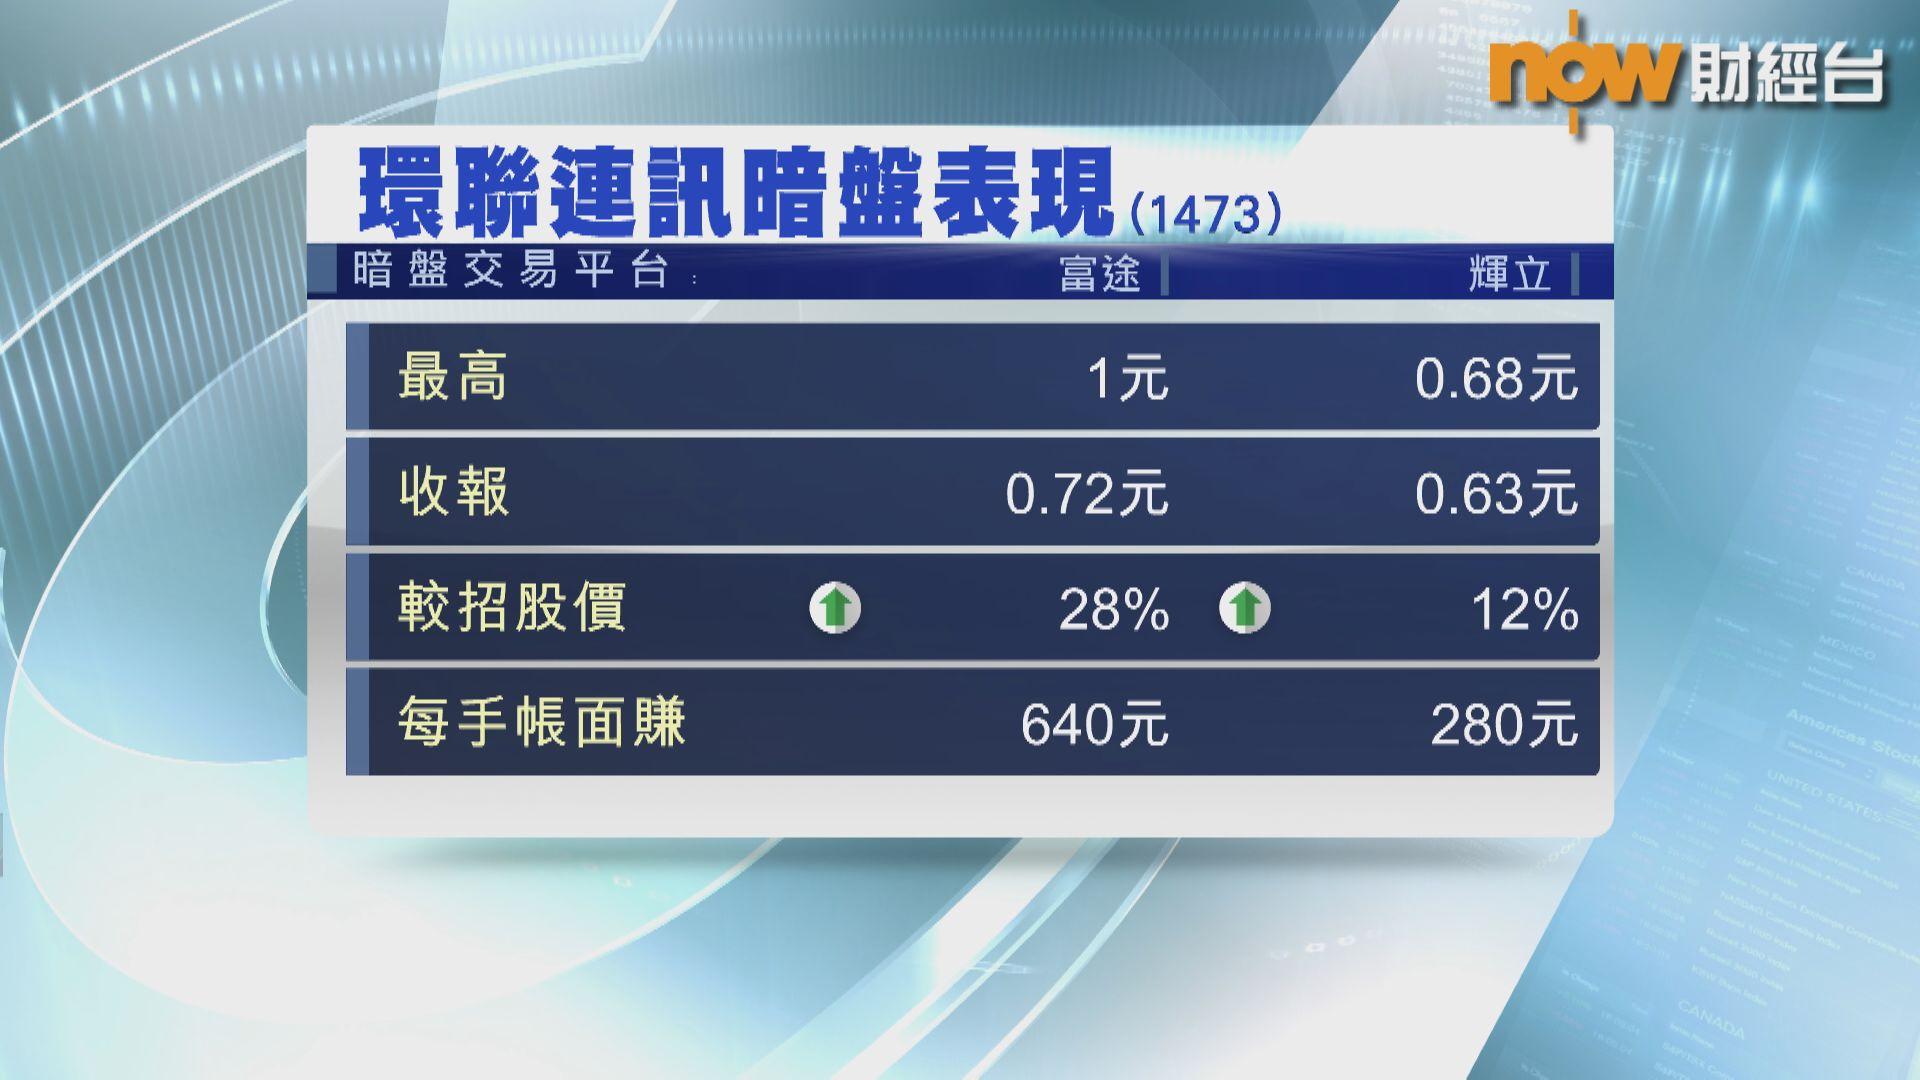 環聯連訊暗盤曾炒高78%